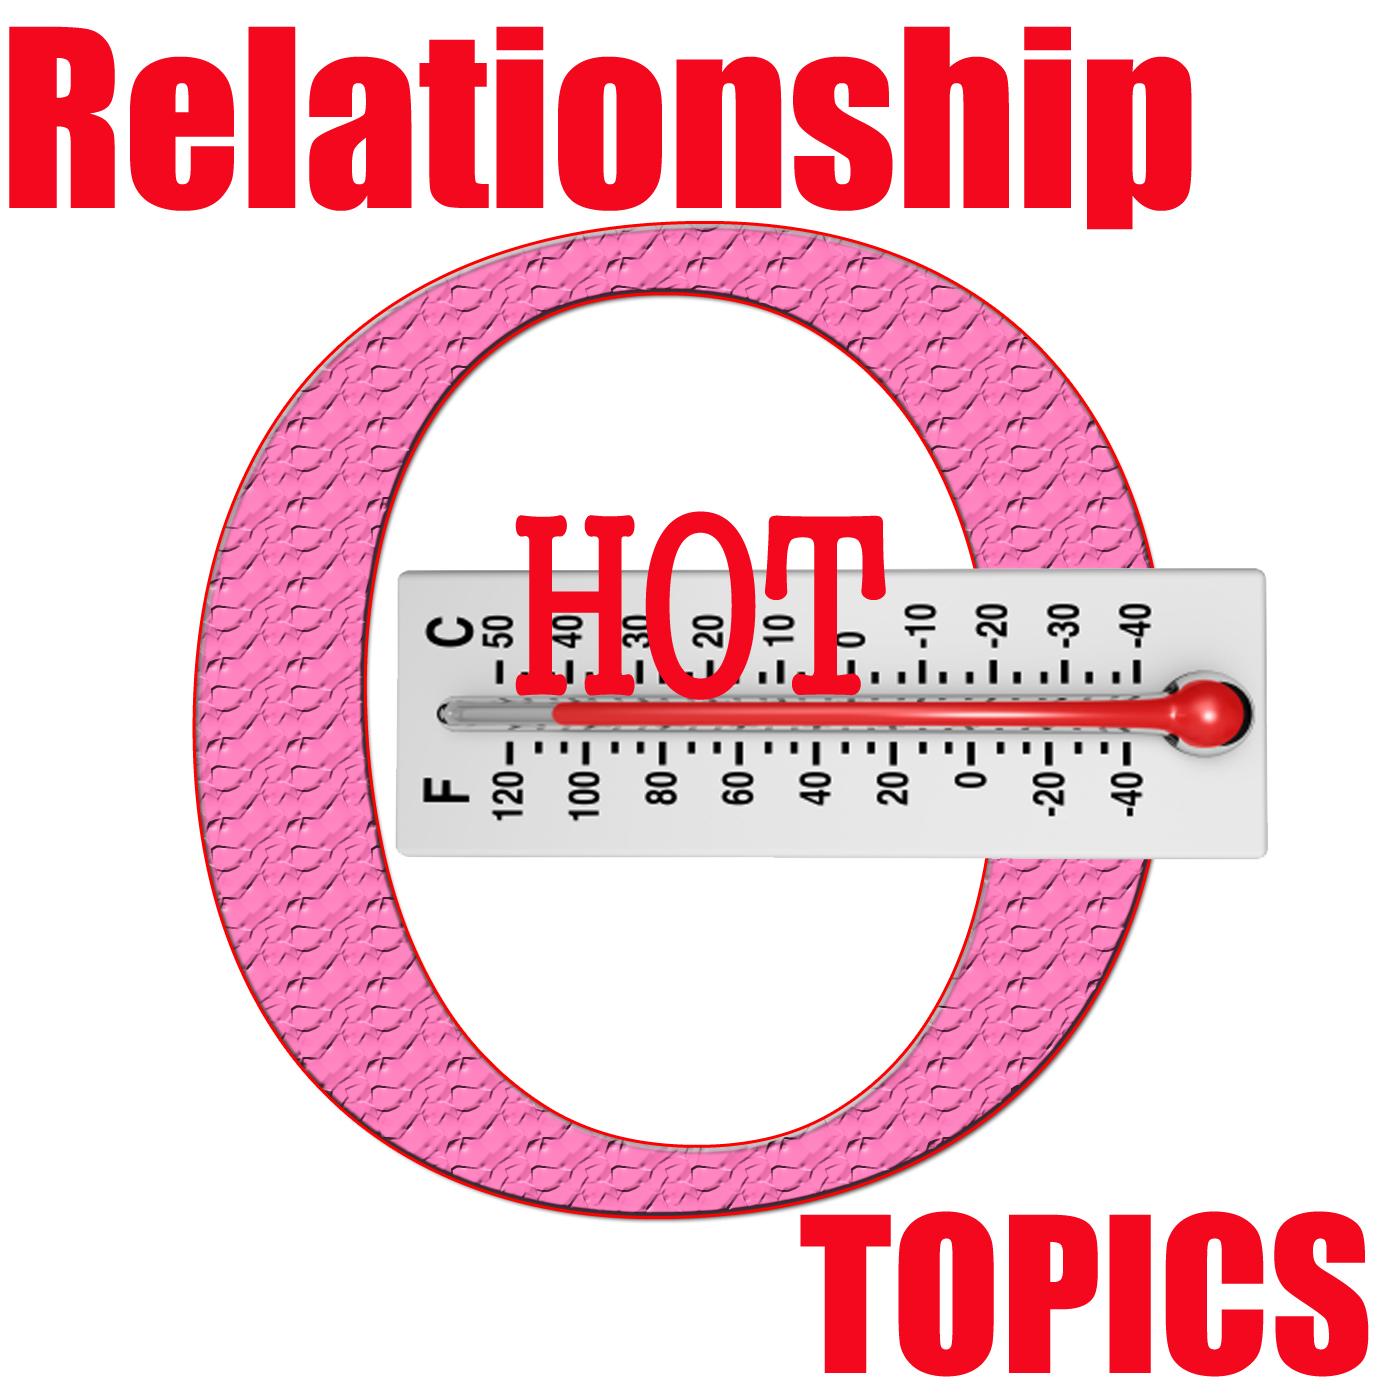 Relationship Hot Topics